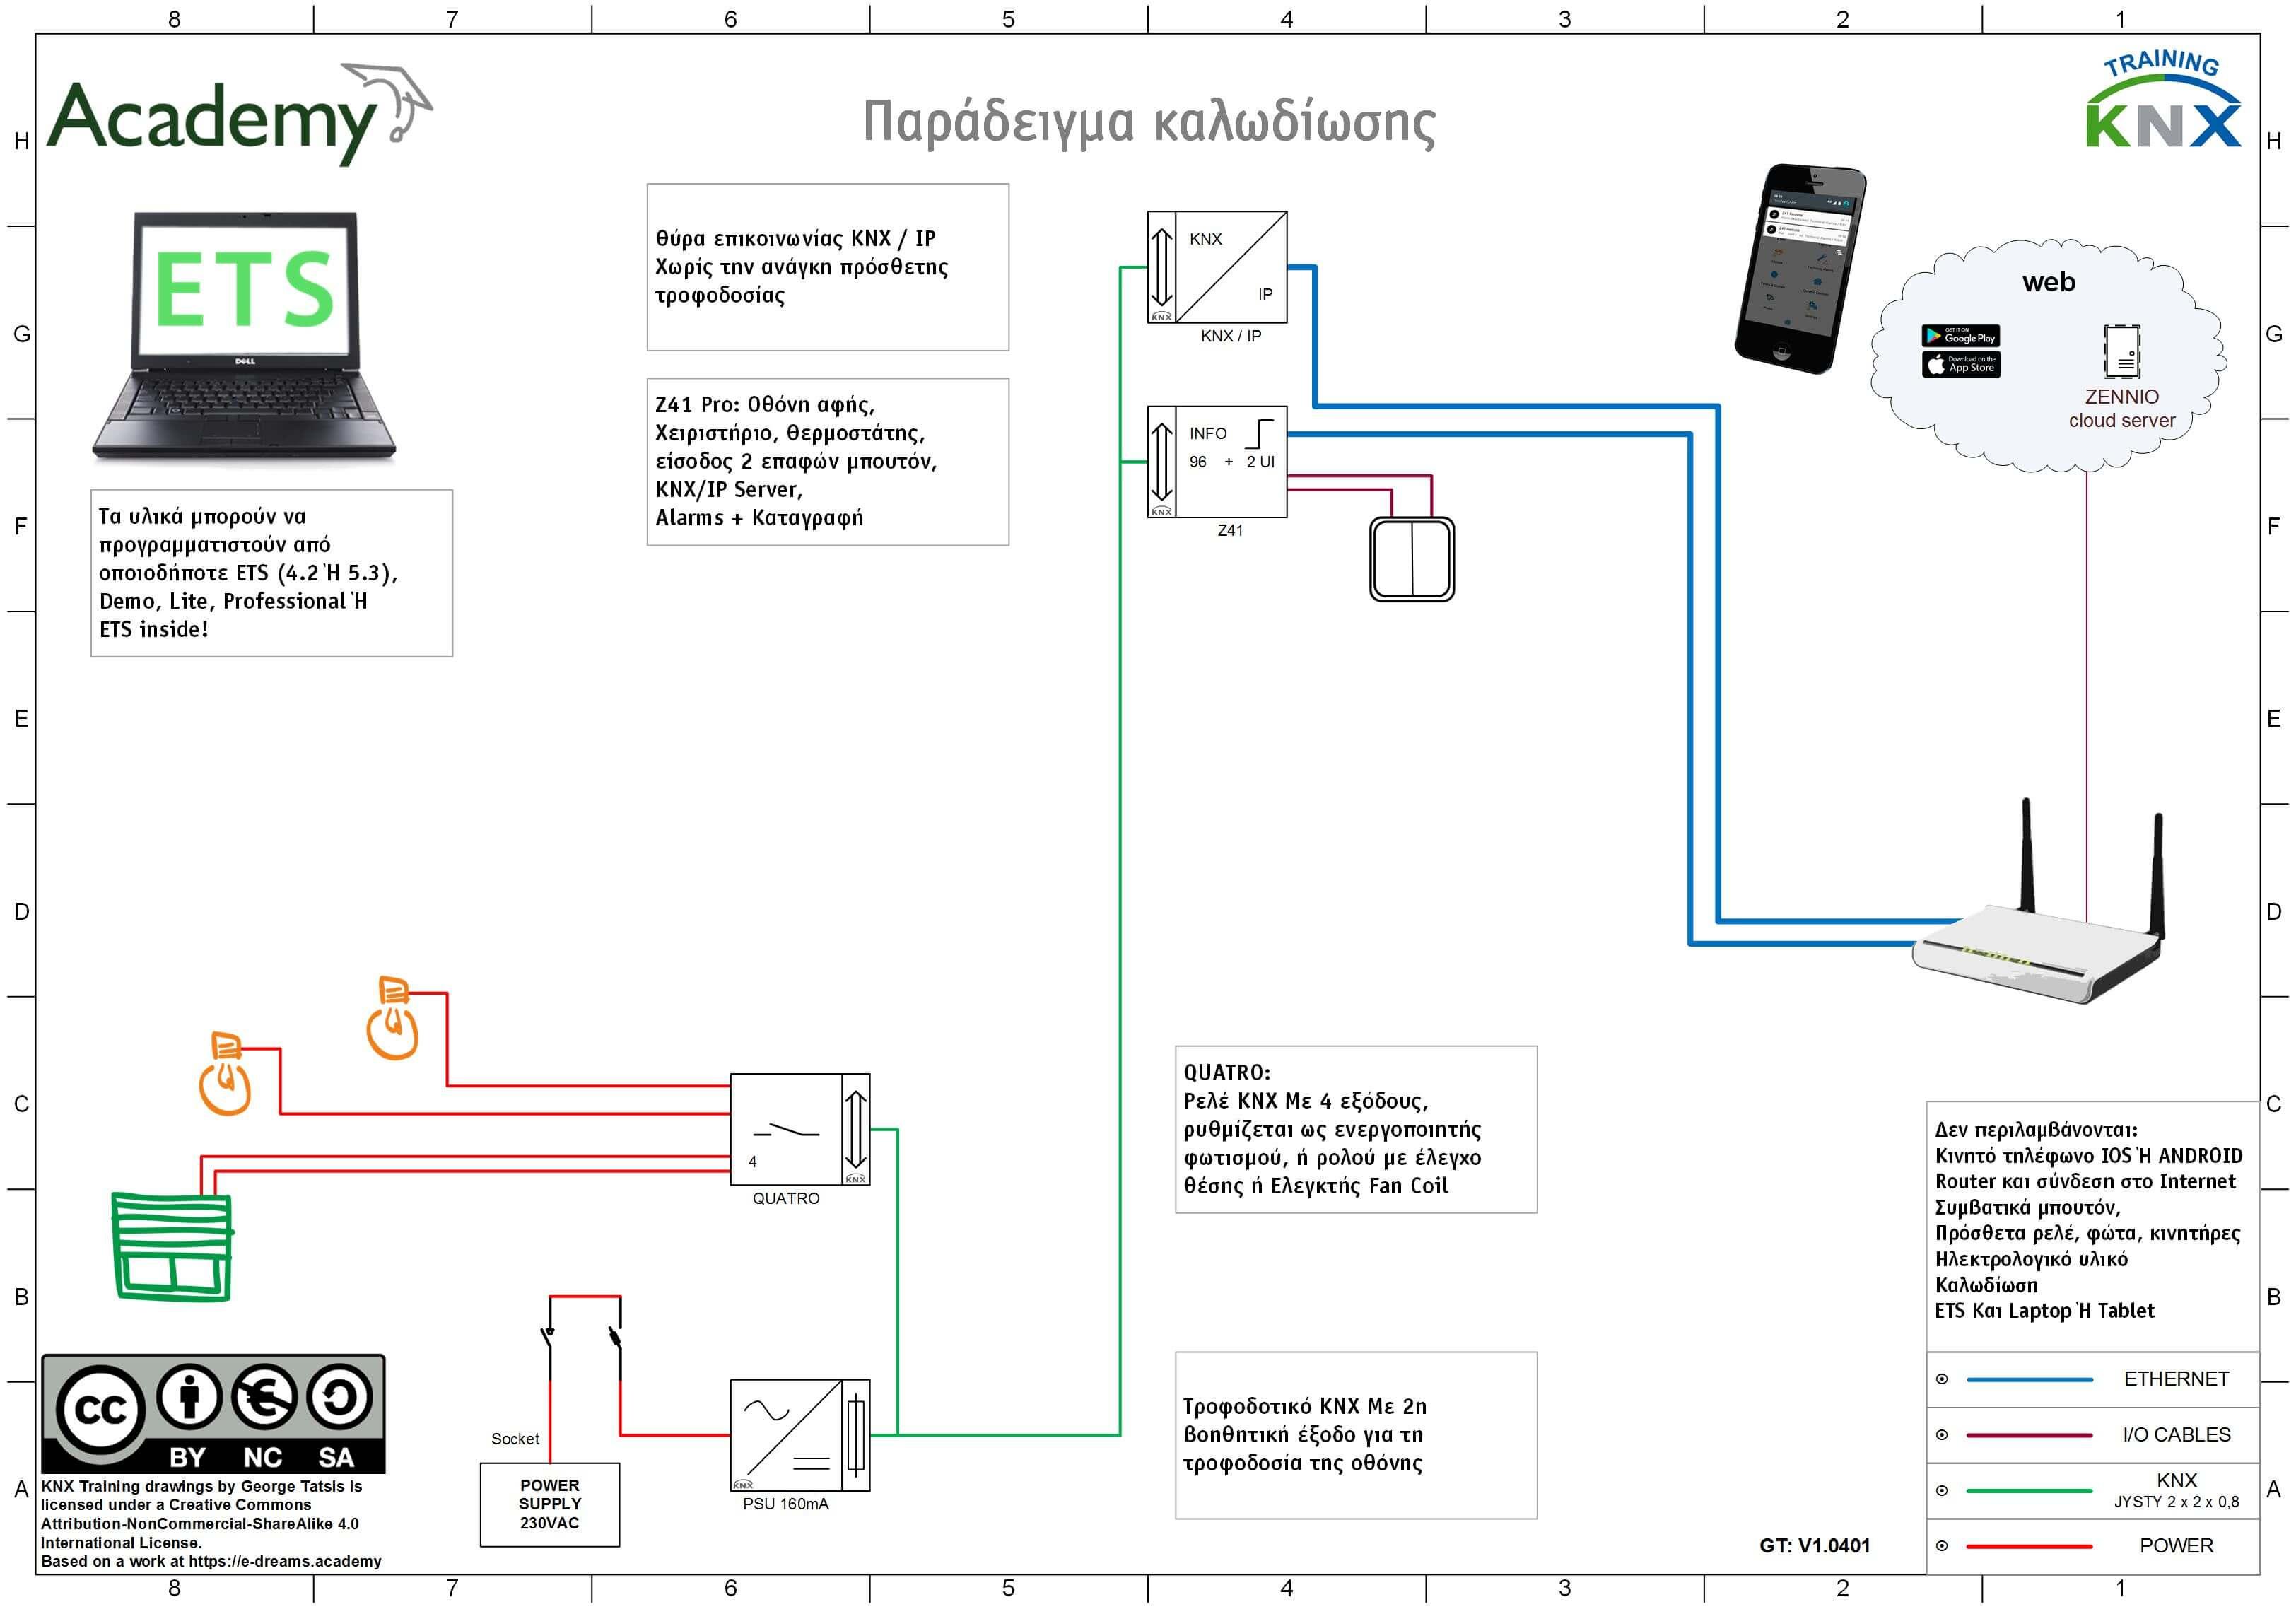 πακέτο υλικών knx training wiring